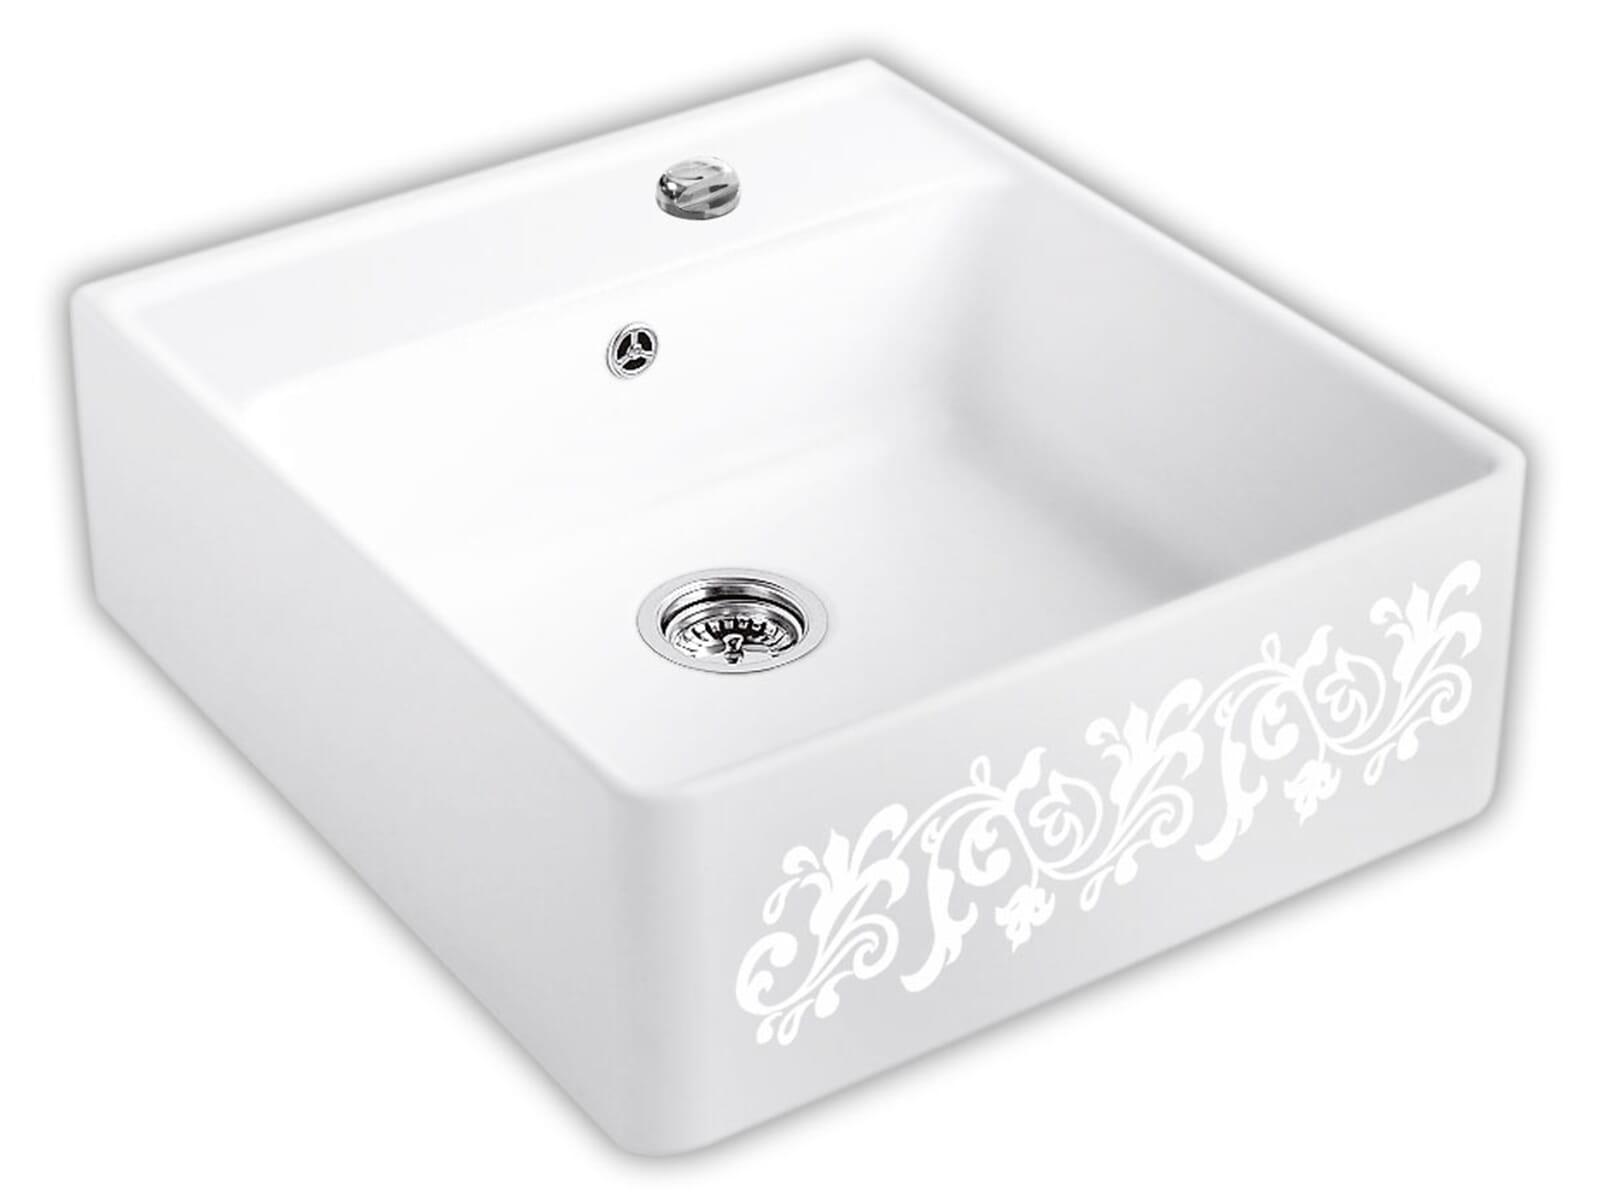 Villeroy & Boch Spülstein Einzelbecken White Pearl - 6320 62 KT Keramikspüle Excenter inkl. Hahnlöcher 2+3